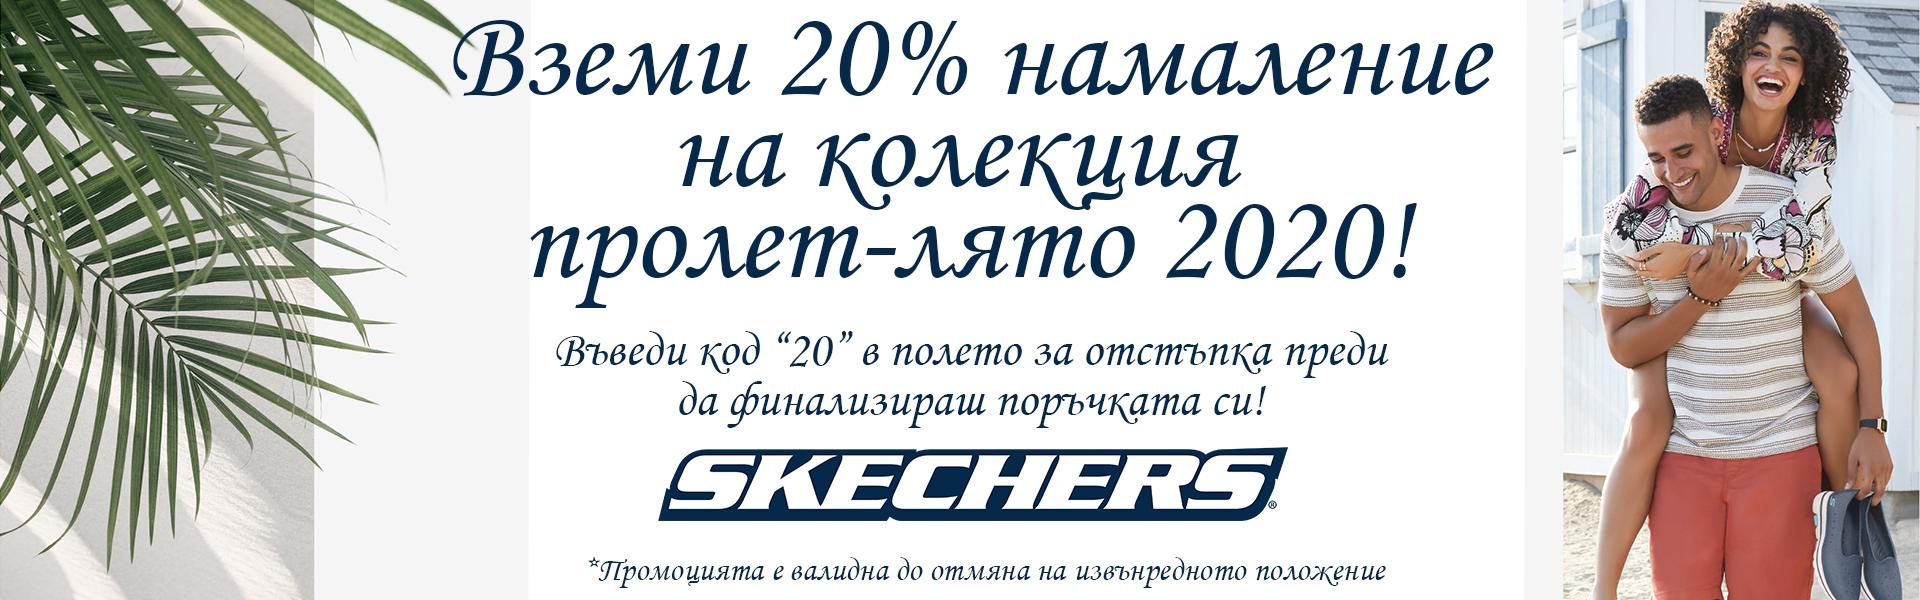 S20 SKRS 20%